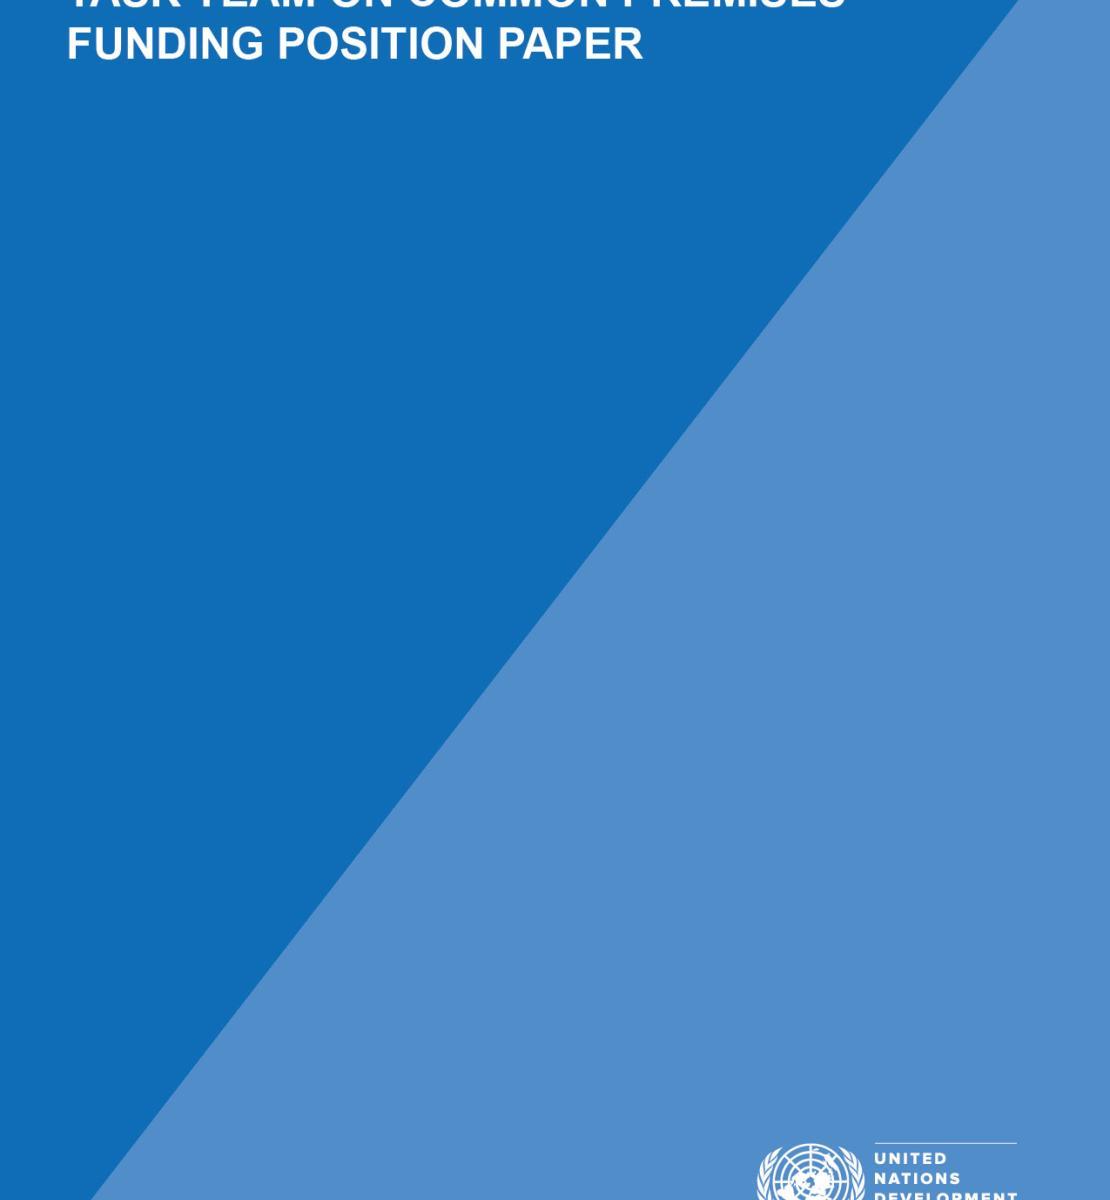 Documento expositivo respecto a la financiación del Equipo de Tareas sobre Locales Comunes